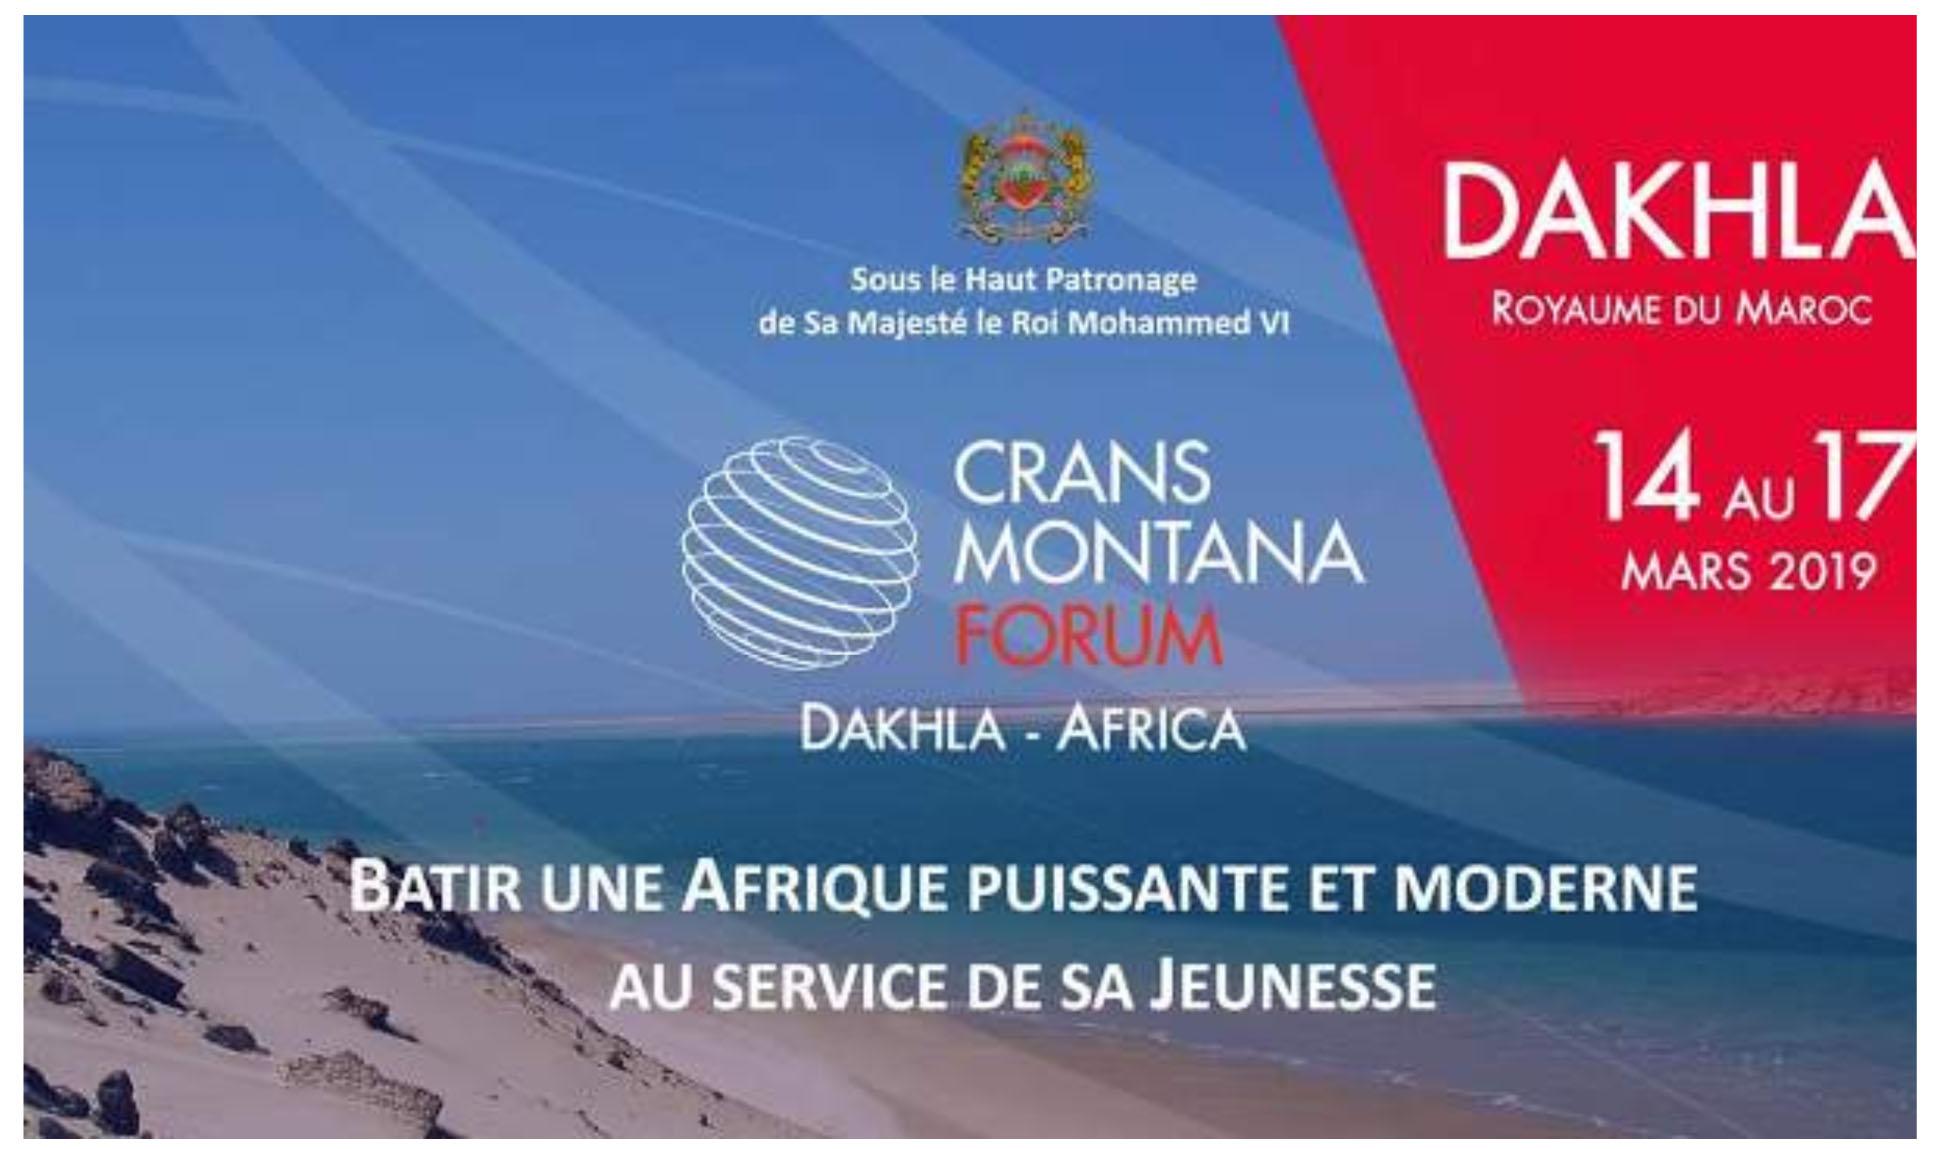 Dakhla abritera une nouvelle  édition du Forum Crans Montana